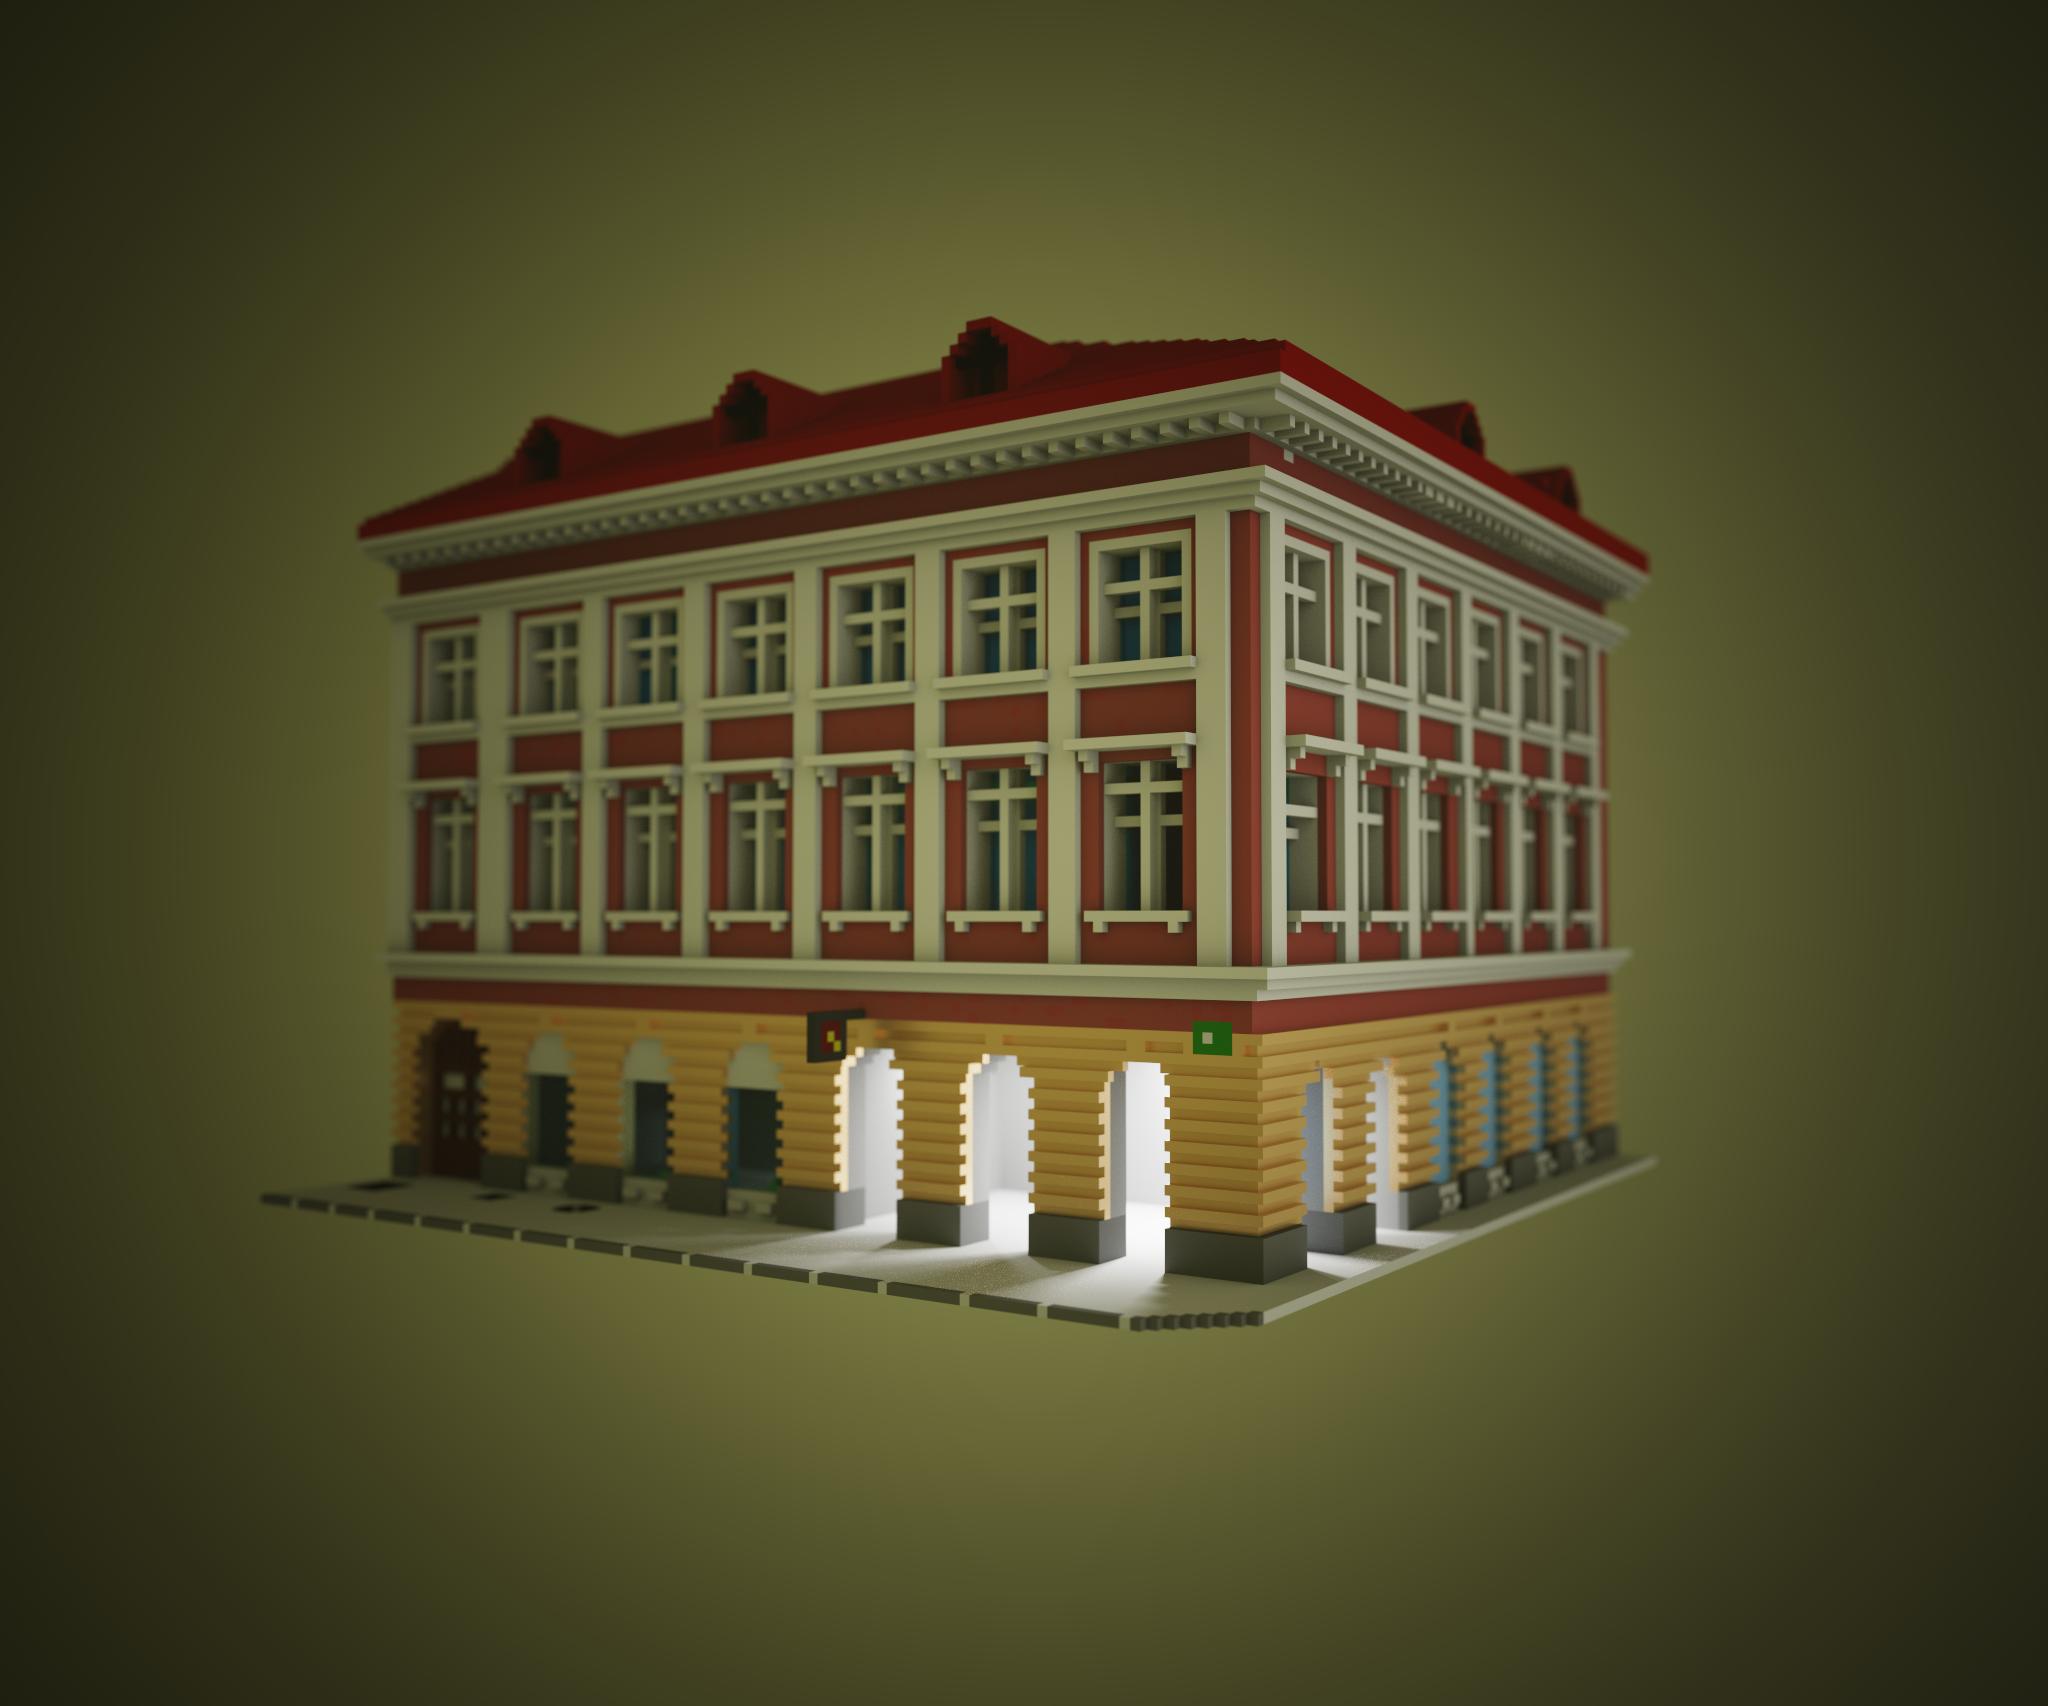 Voxel city